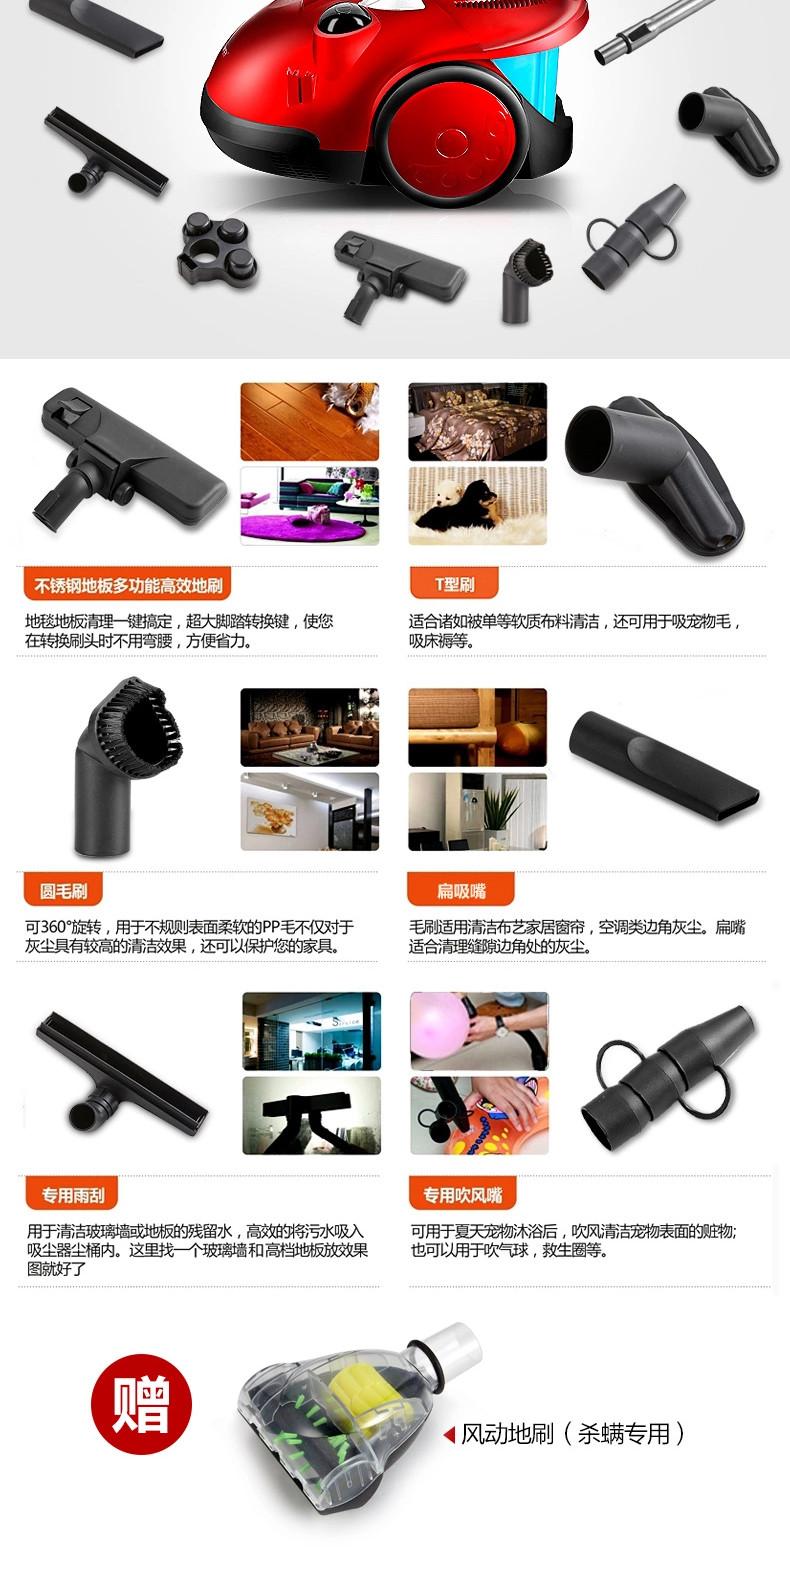 【奥格威(AUGEWEI)吸尘器ZW12-18WFT】奥cad打印图纸截图怎么图片